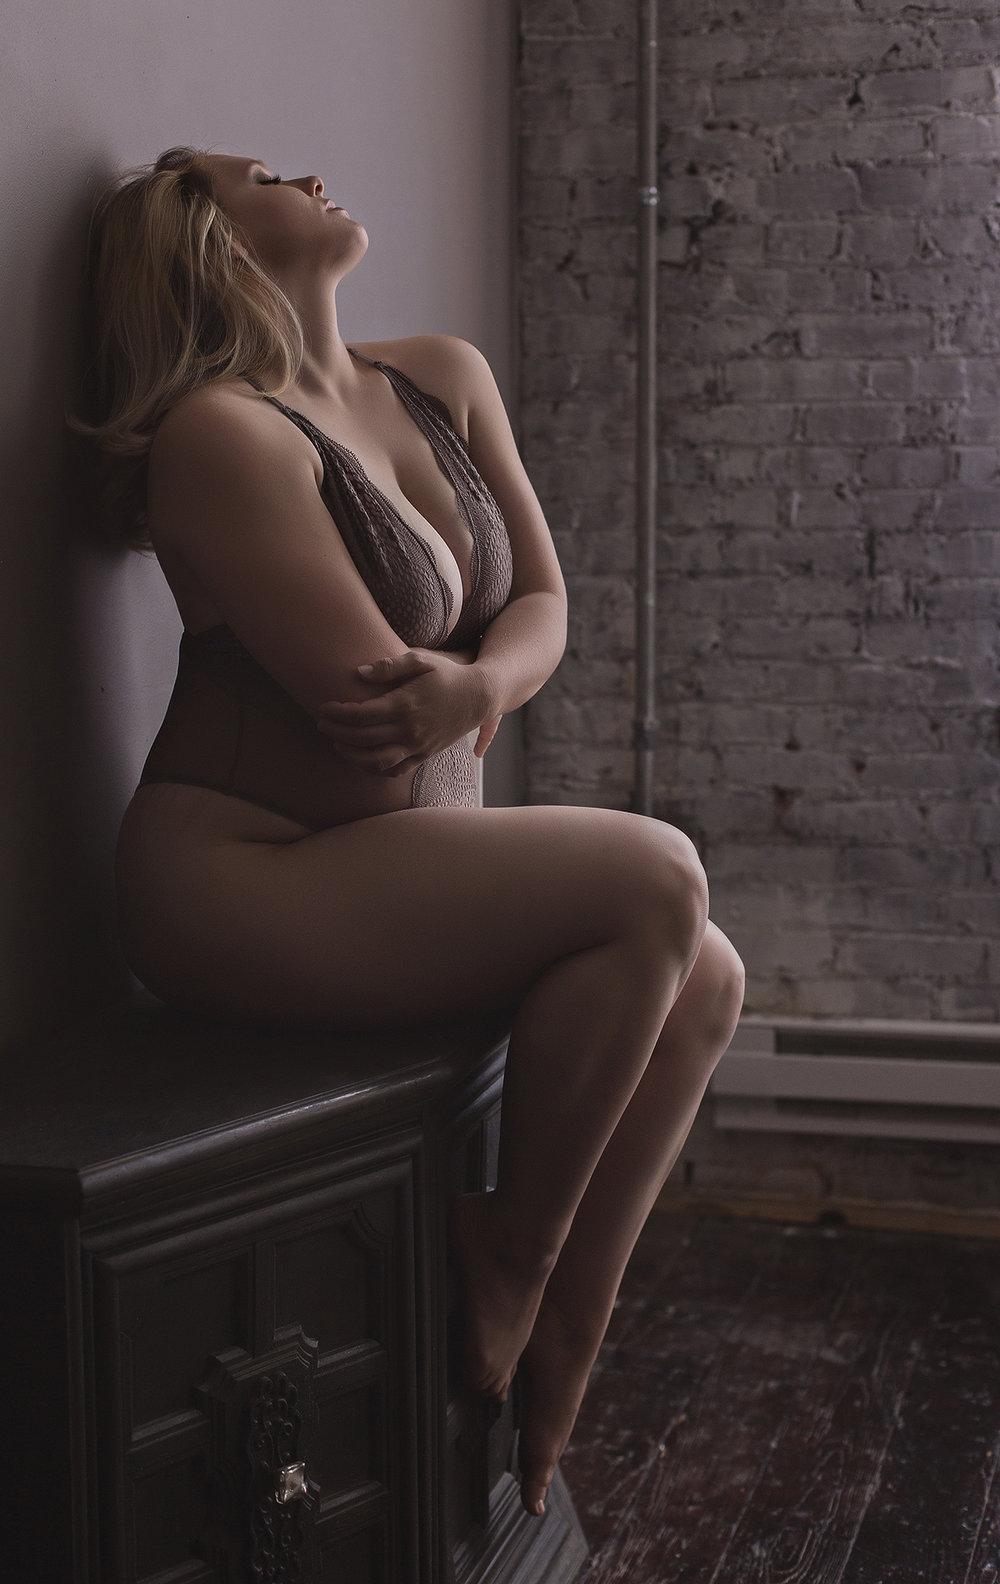 sexybodysuitboudoir.jpg